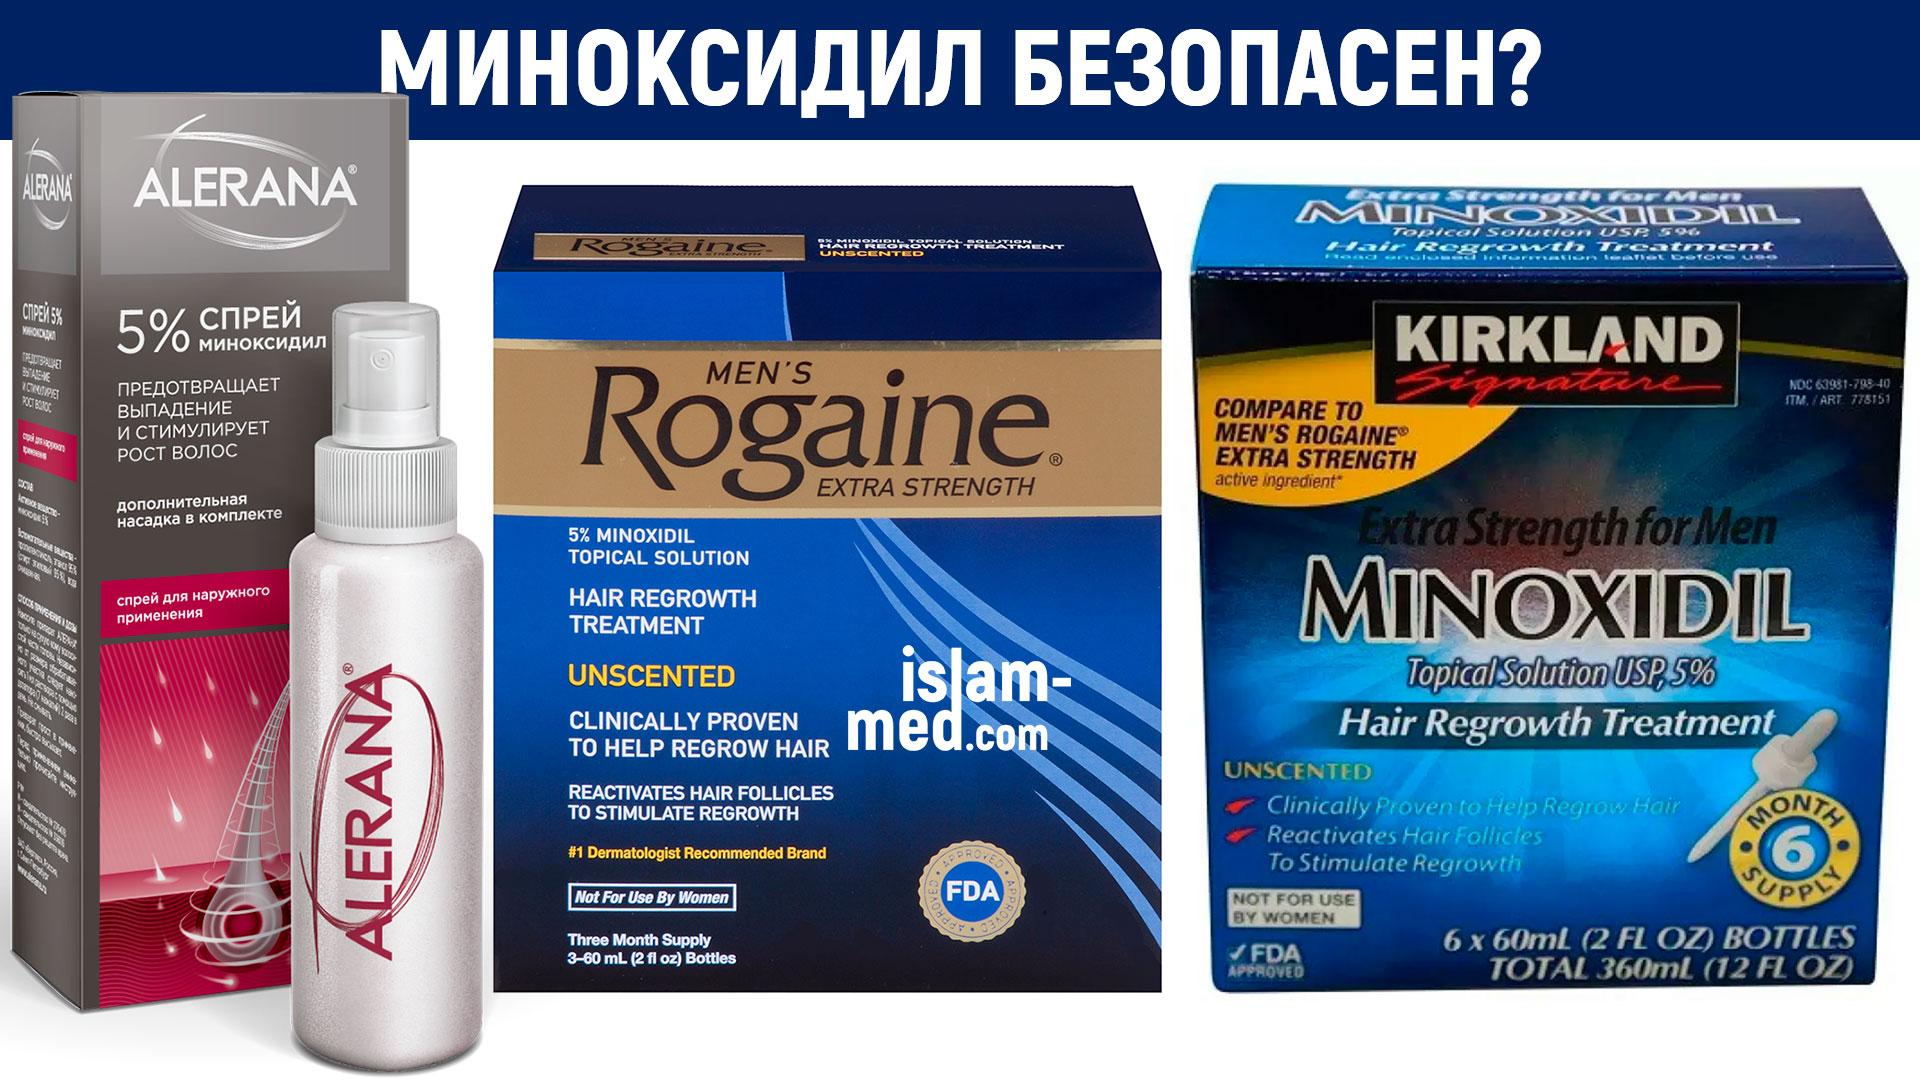 Minoxidil - для роста волос в Архангельске